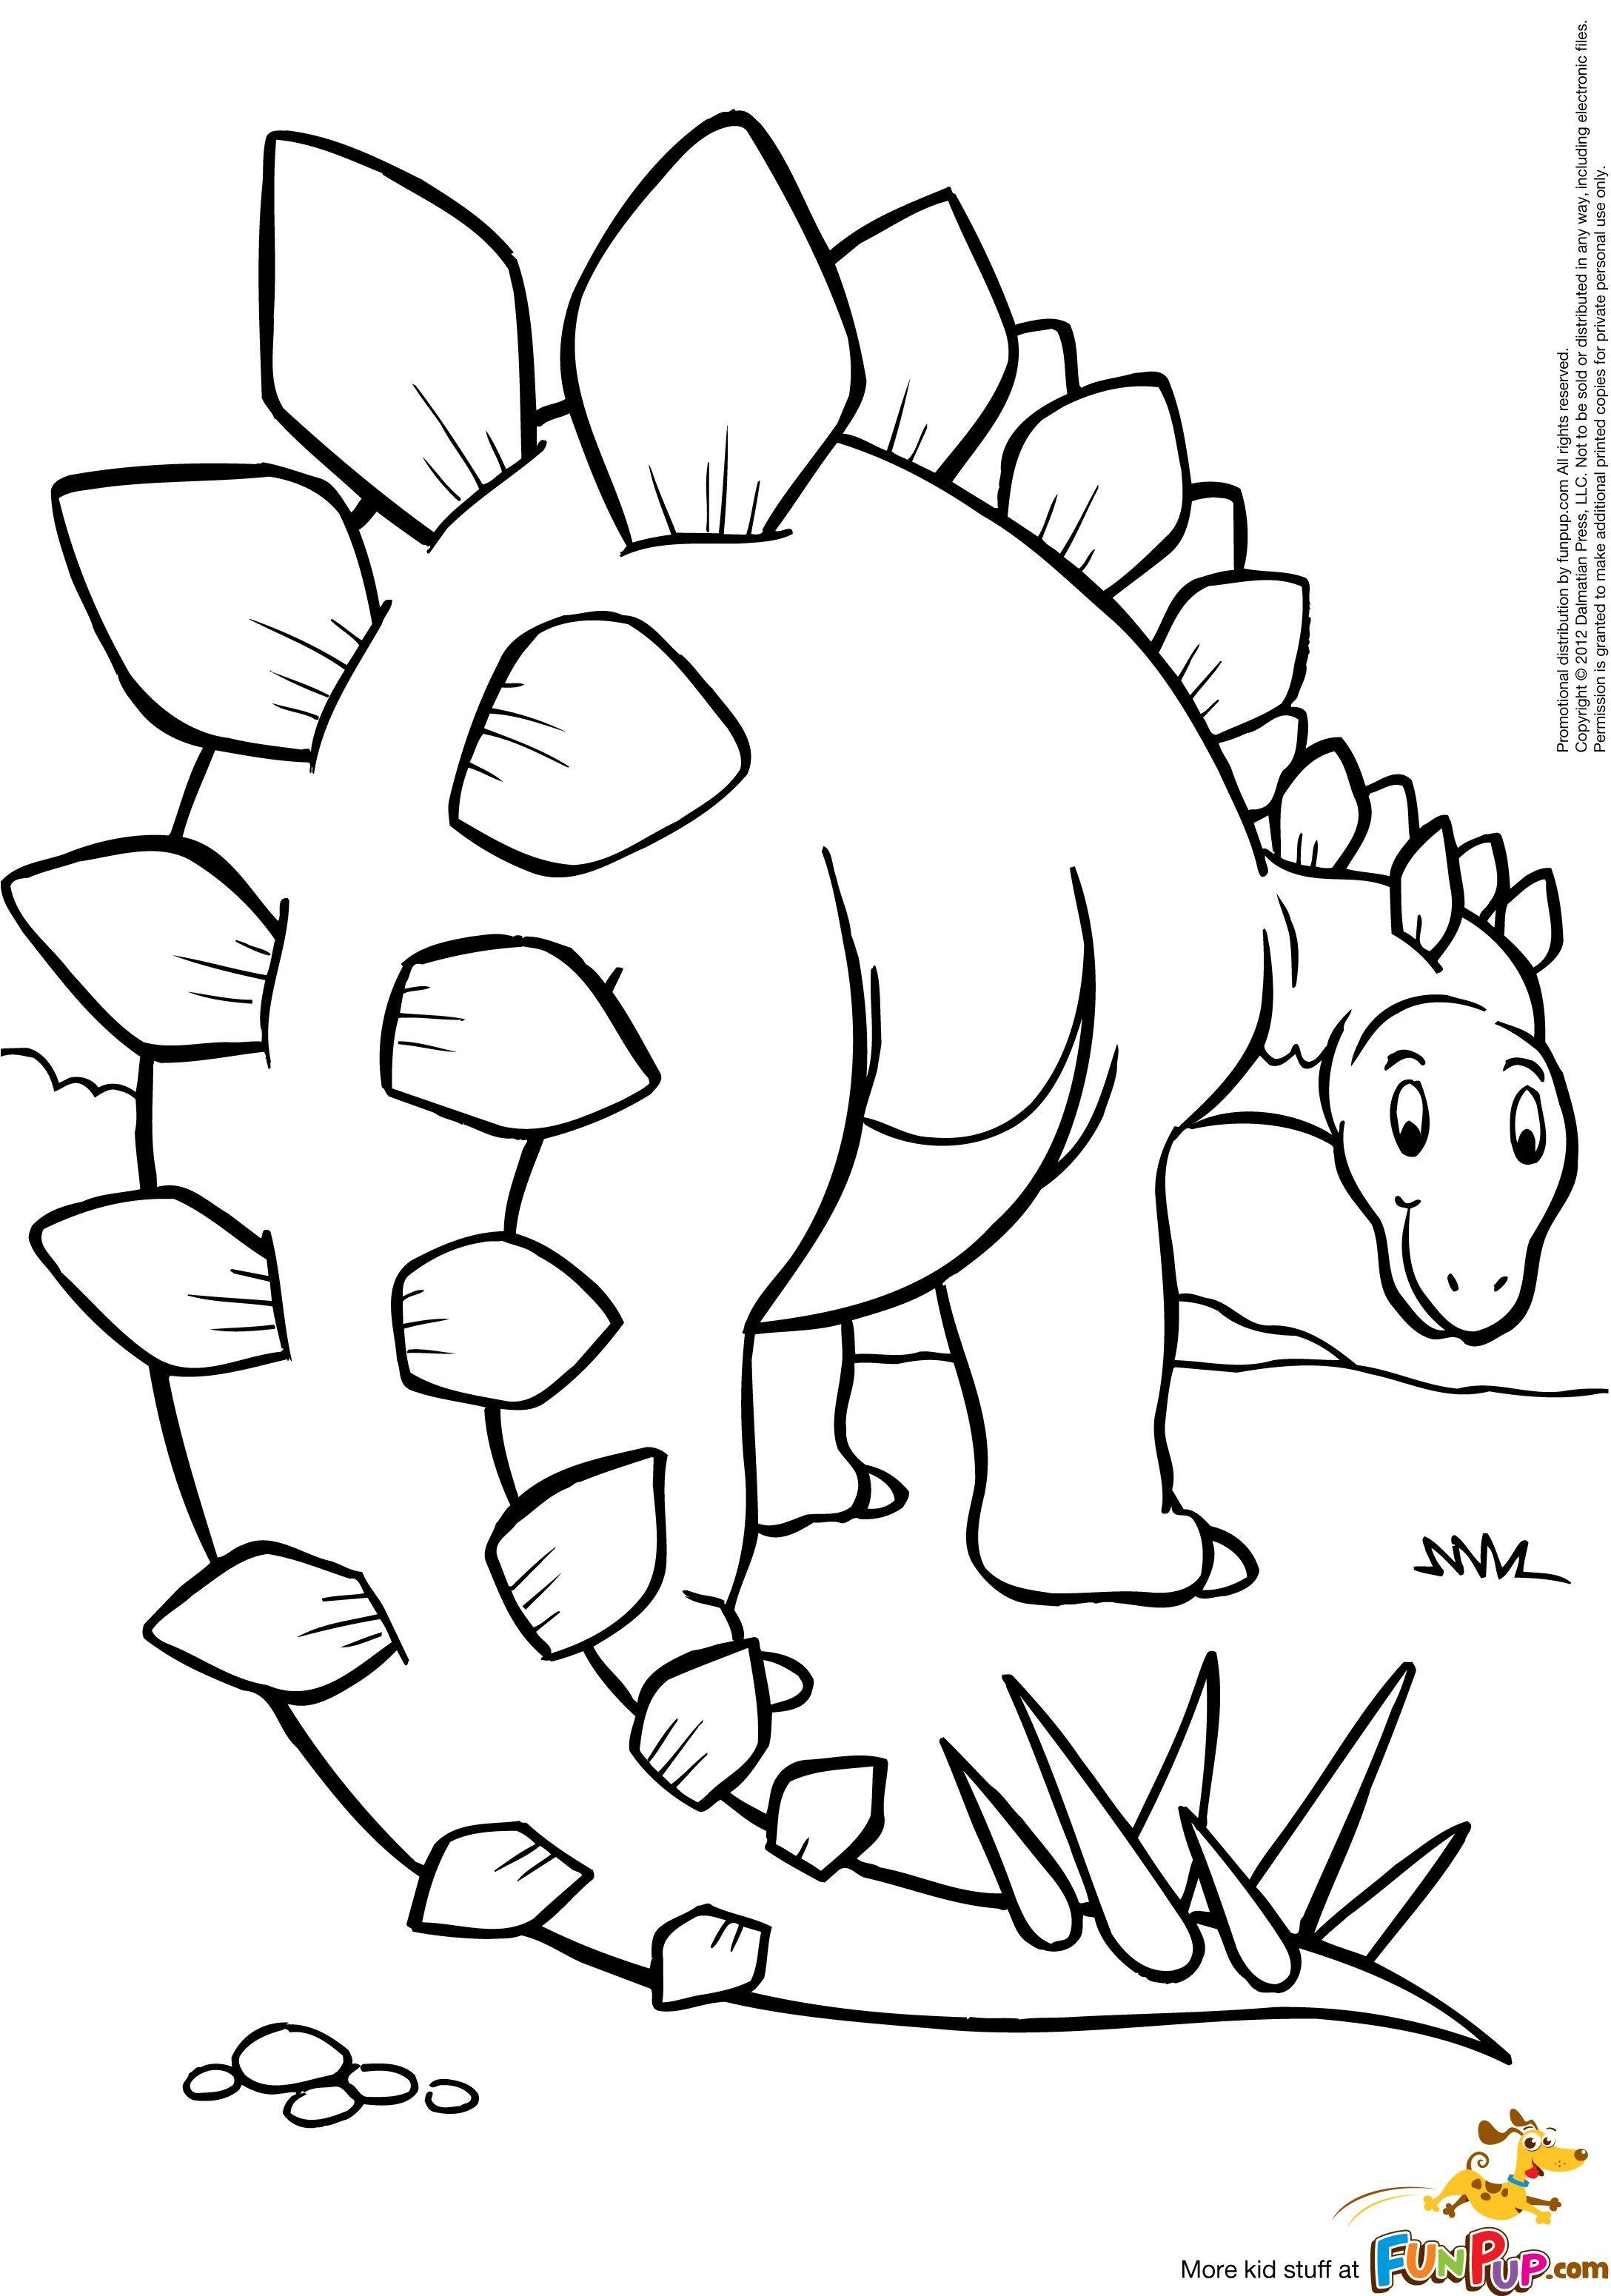 Stegosaurus 0 00 Dinosaurios Animados Dibujos Pintar Con Ninos